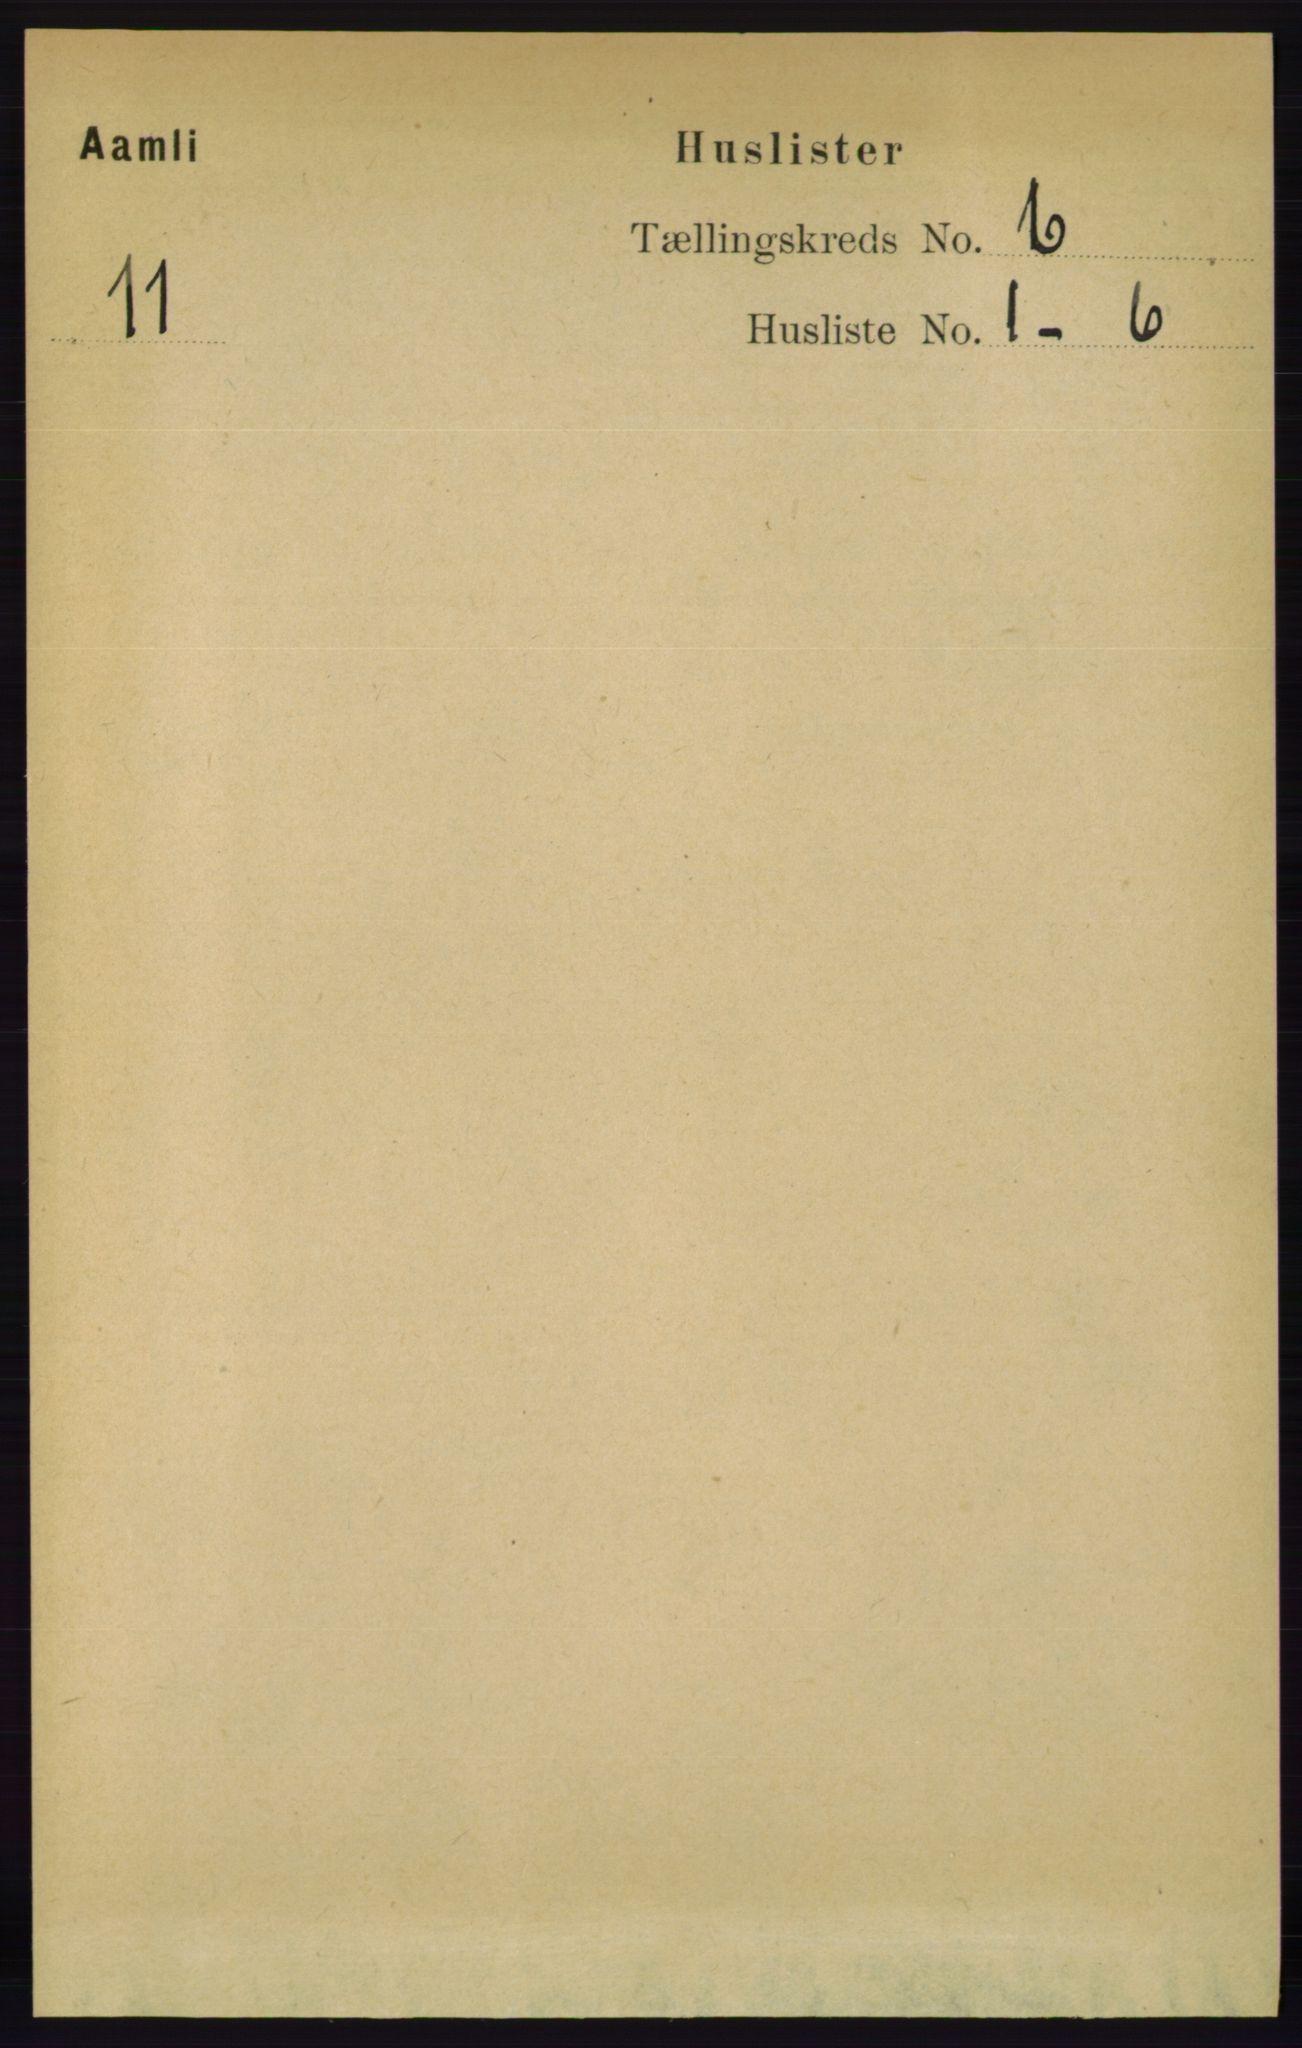 RA, Folketelling 1891 for 0929 Åmli herred, 1891, s. 859